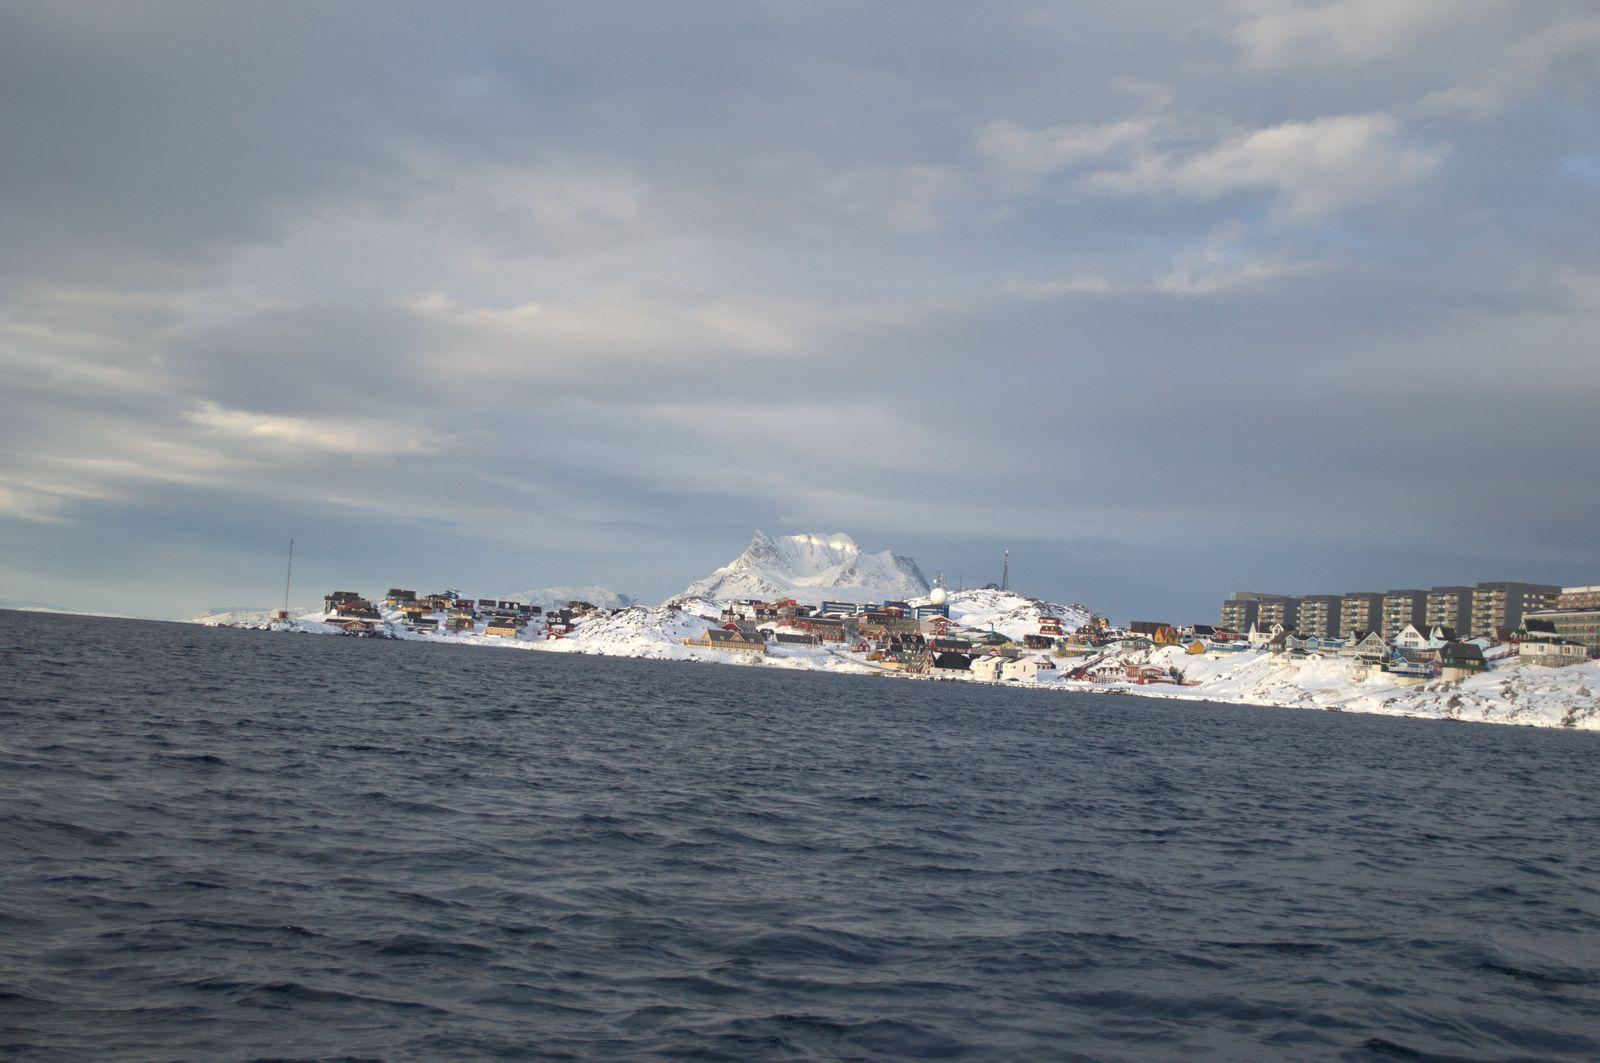 2014-03-28-1755_-_Gode_1_Sermitsiaq